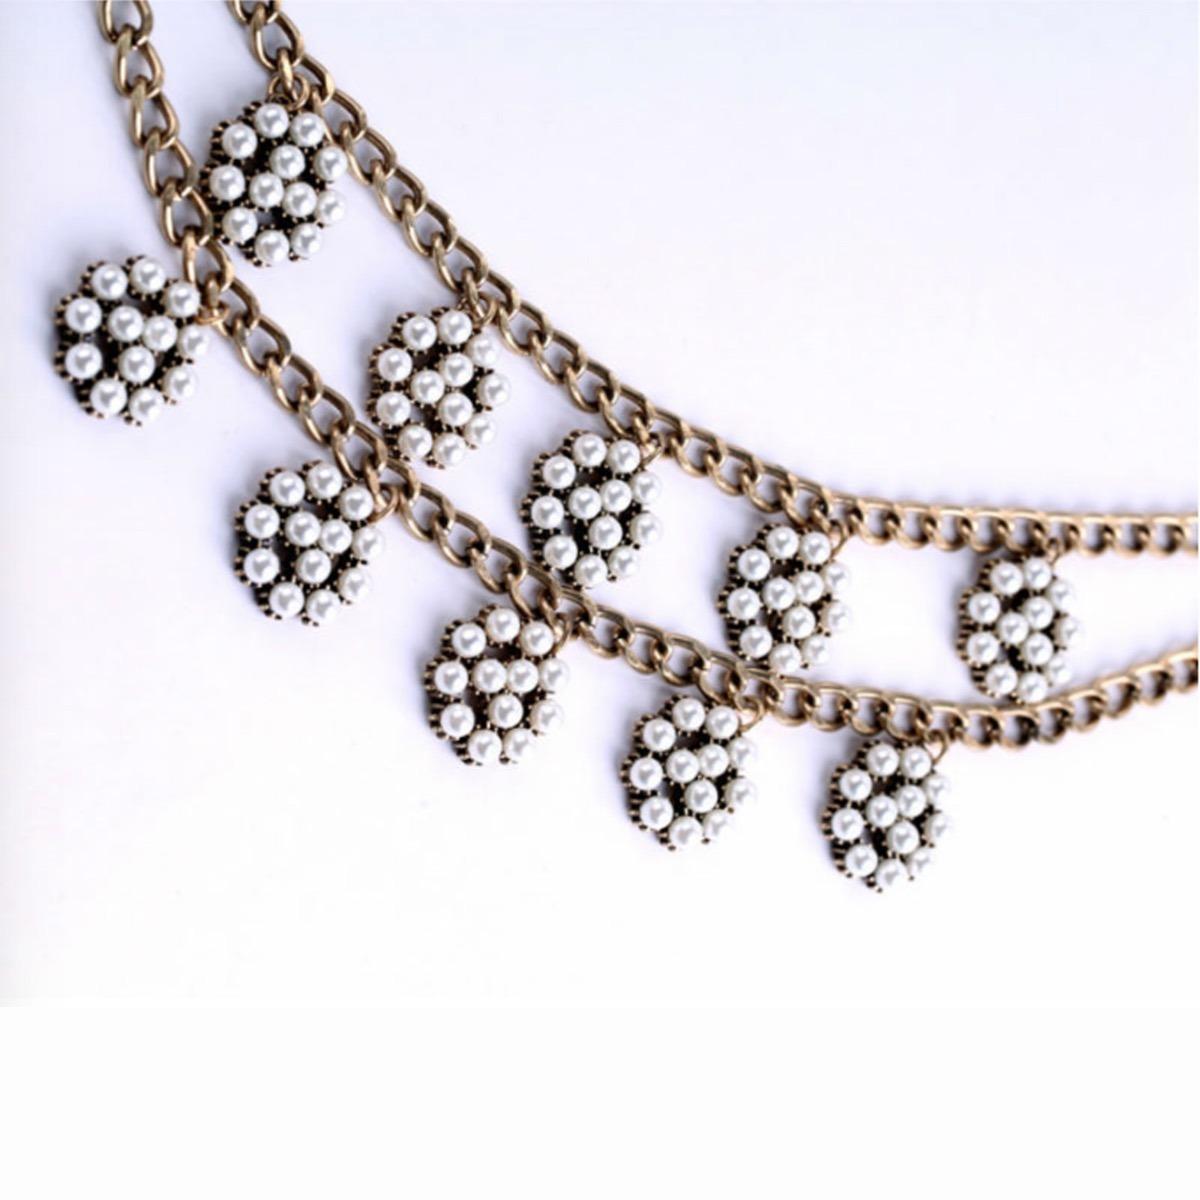 2fc9971a6a70 Collar Doble Cadena Con Dijes De Perlas - Bijoux Fiesta